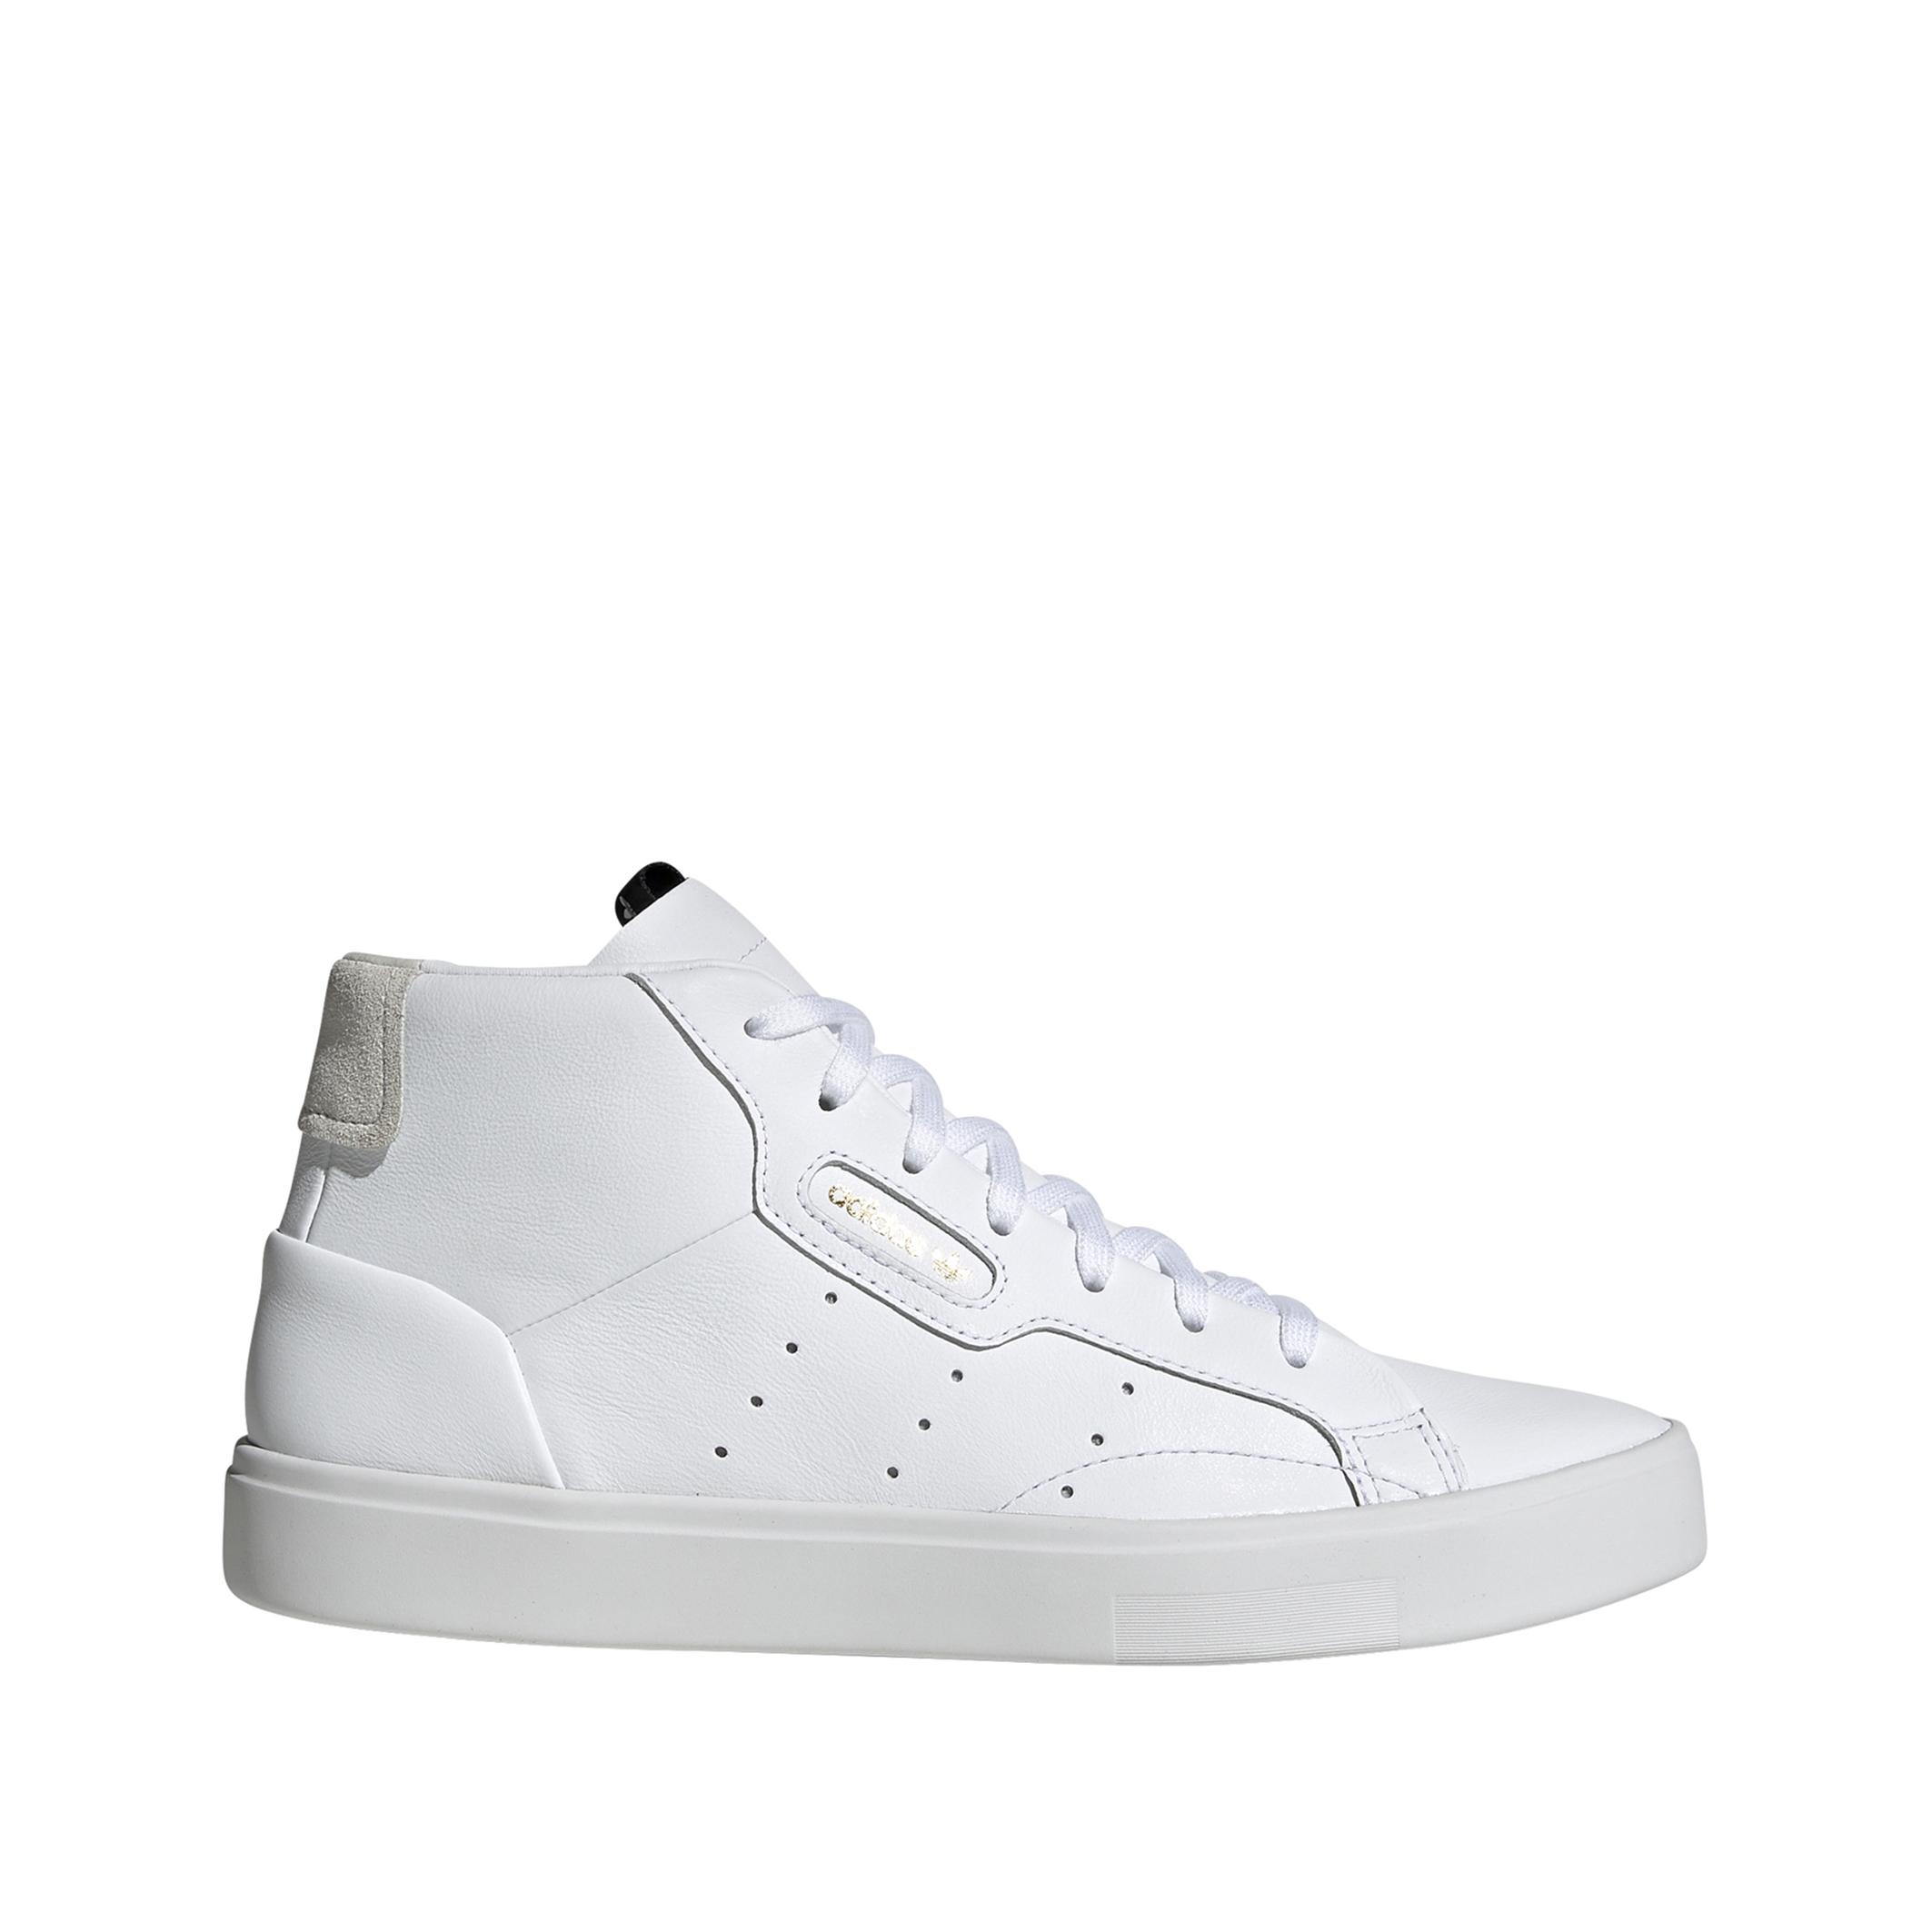 Adidas Originals Sleek Classic Hoog Classic High sneakers wit online kopen